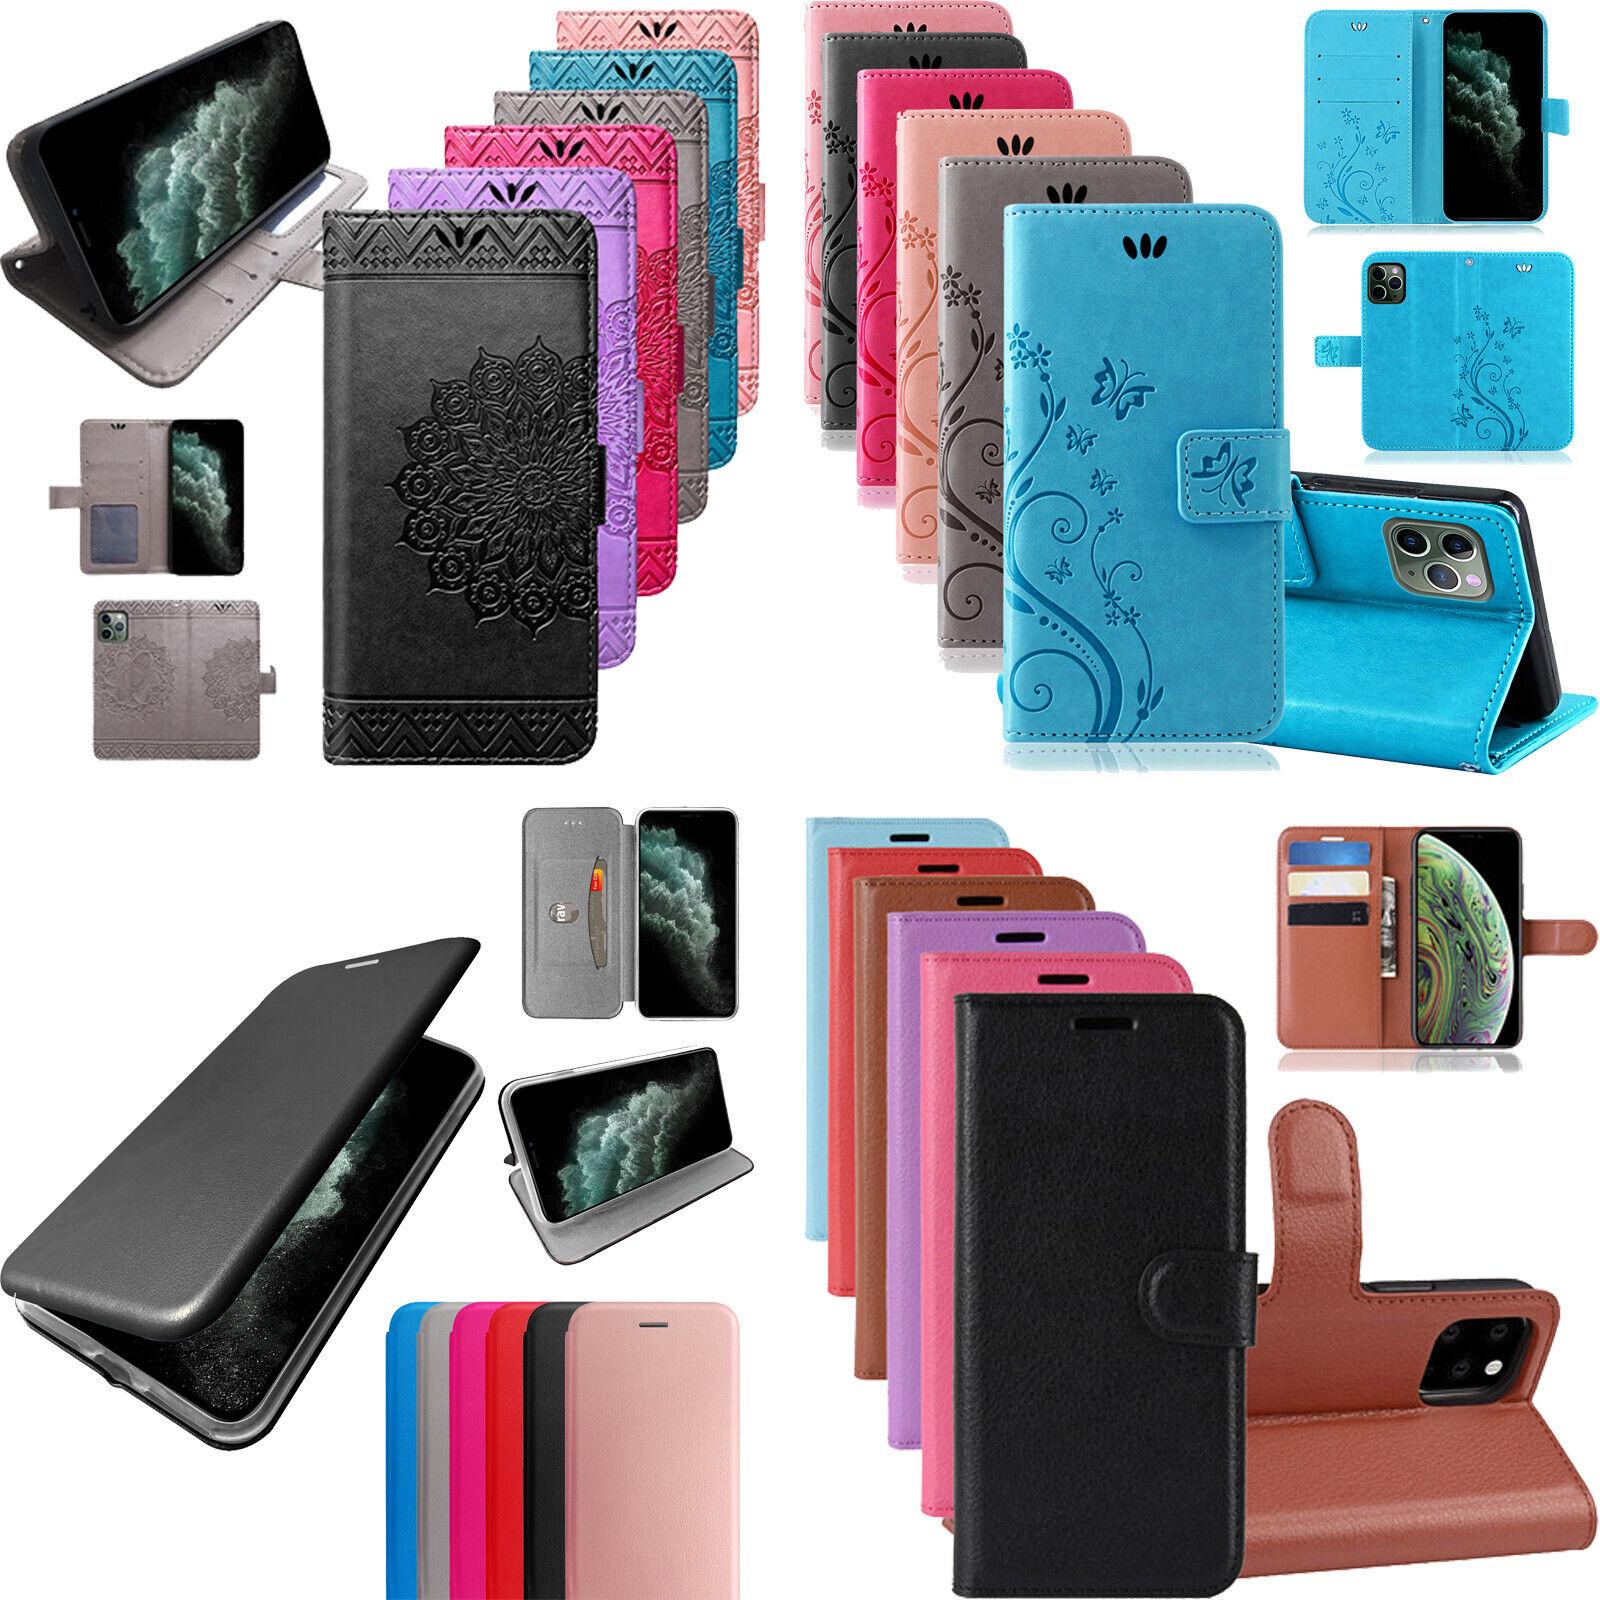 Apple iPhone 11 Pro Max Hülle Handy Tasche Flip Case Schutz Wallet Etui Schale